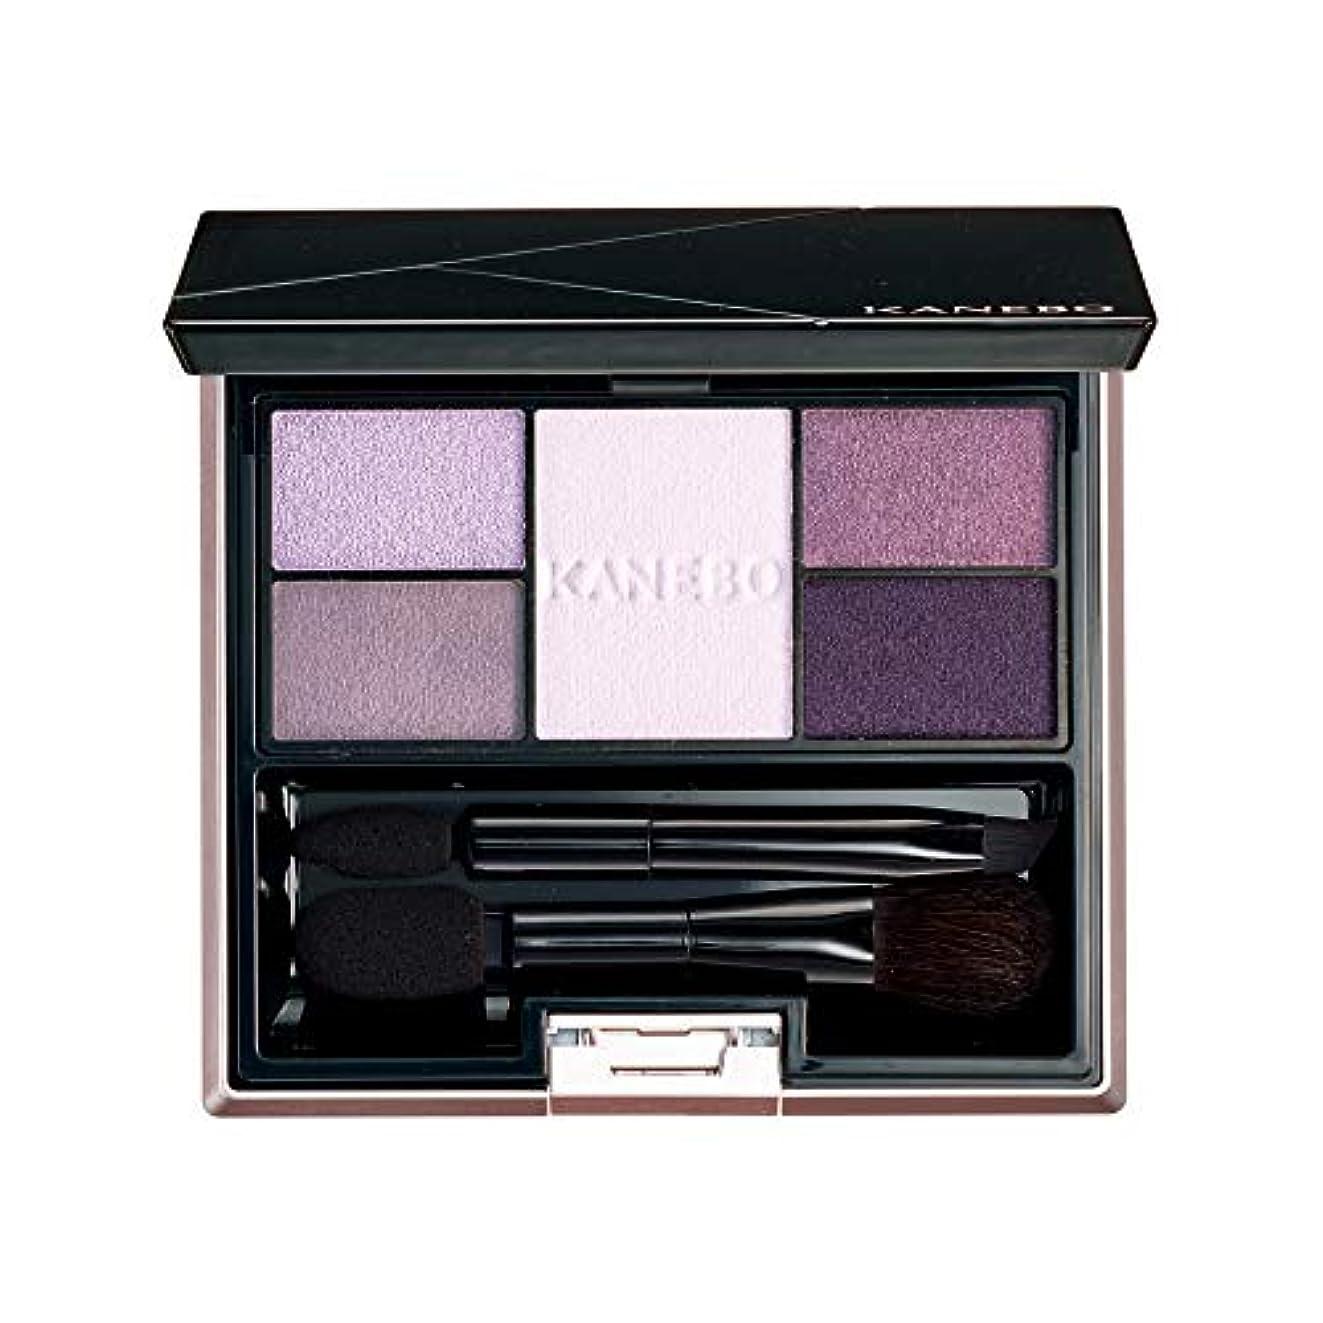 見物人足音きらめくKANEBO(カネボウ) カネボウ セレクションカラーズアイシャドウ 06 Elegant Lavender アイシャドウ